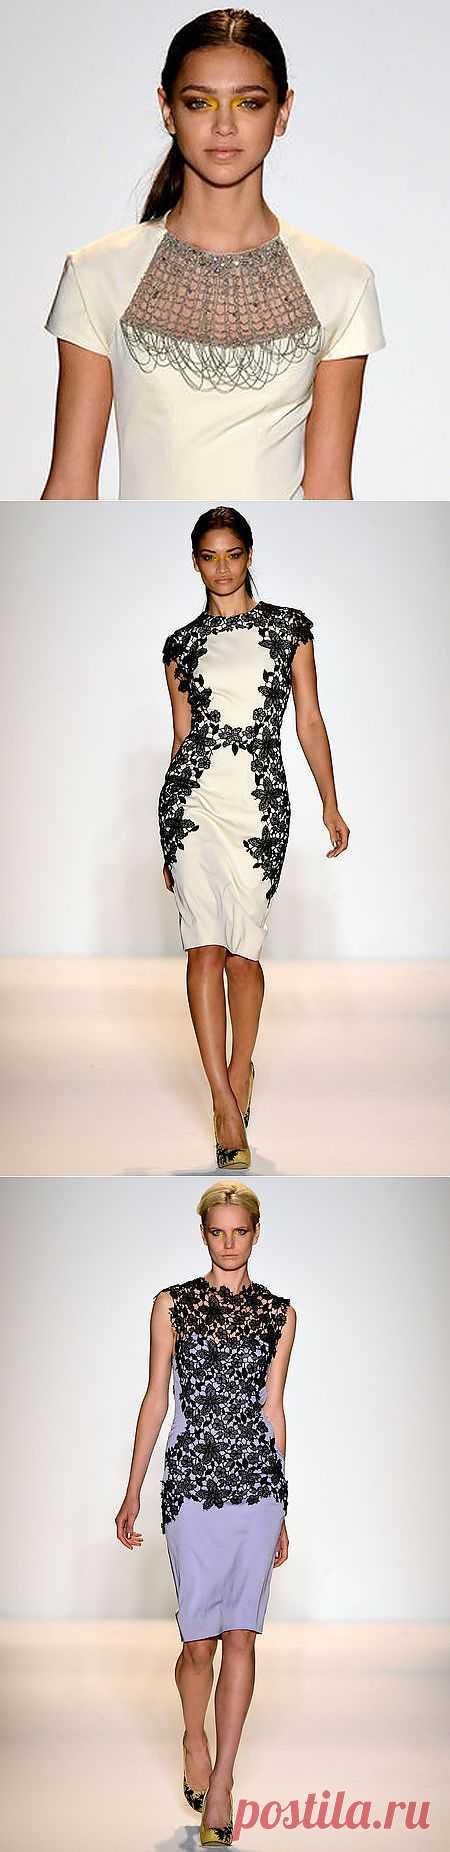 Lela Rose - Весенняя коллекция 2013 (Трафик) / Дизайнеры / Модный сайт о стильной переделке одежды и интерьера